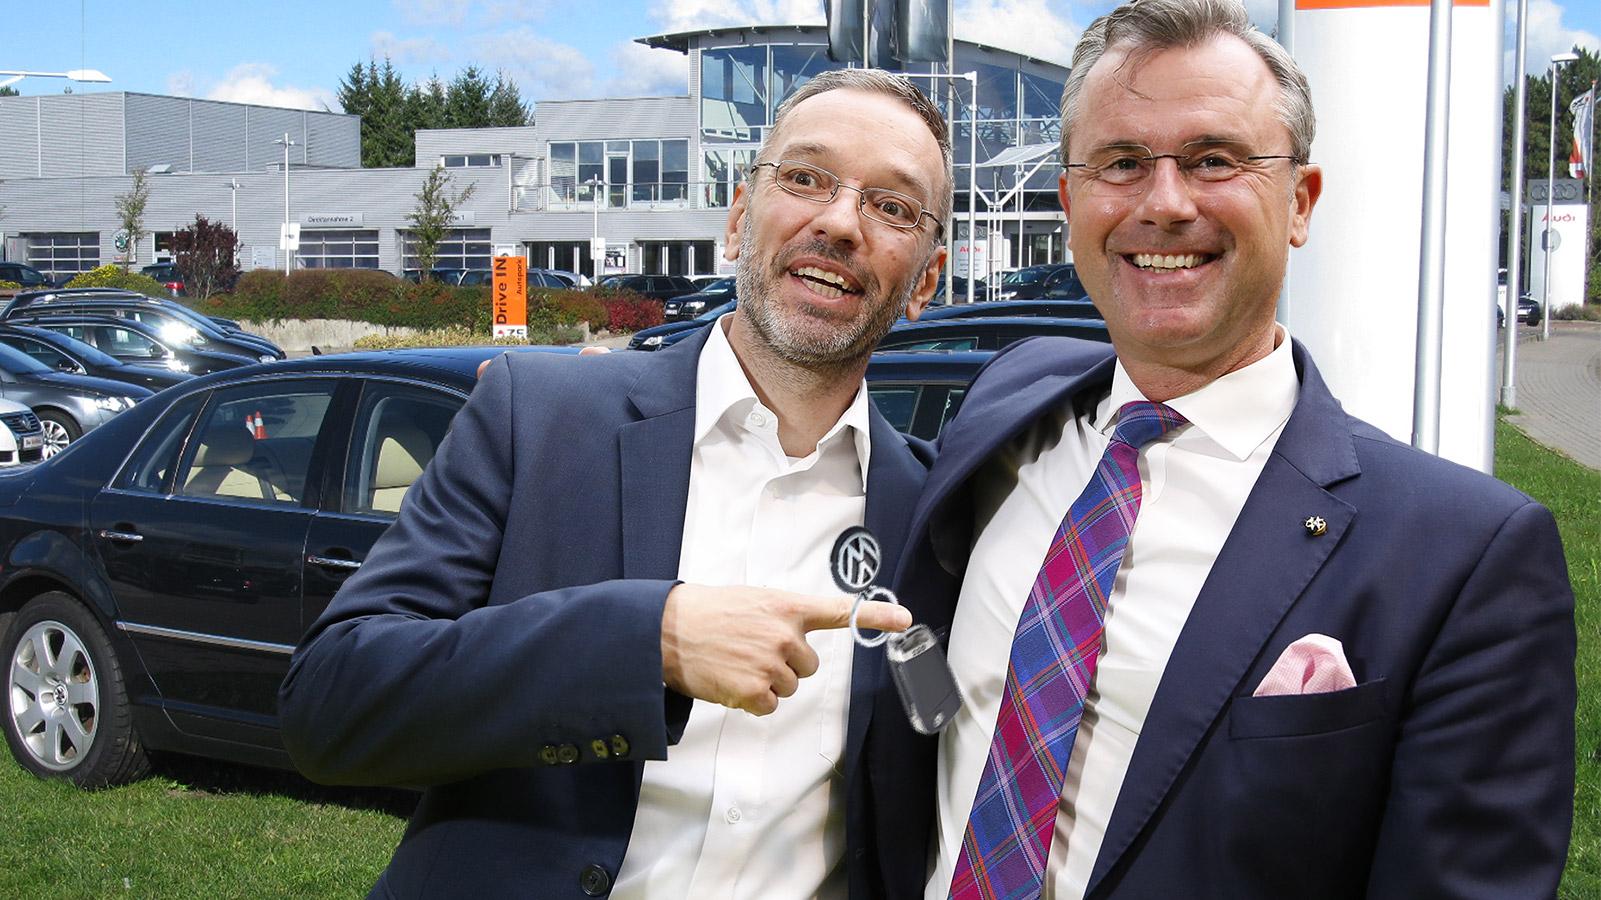 -F-r-dich-lieber-Norbert-Kickl-schenkt-Hofer-VW-Phaeton